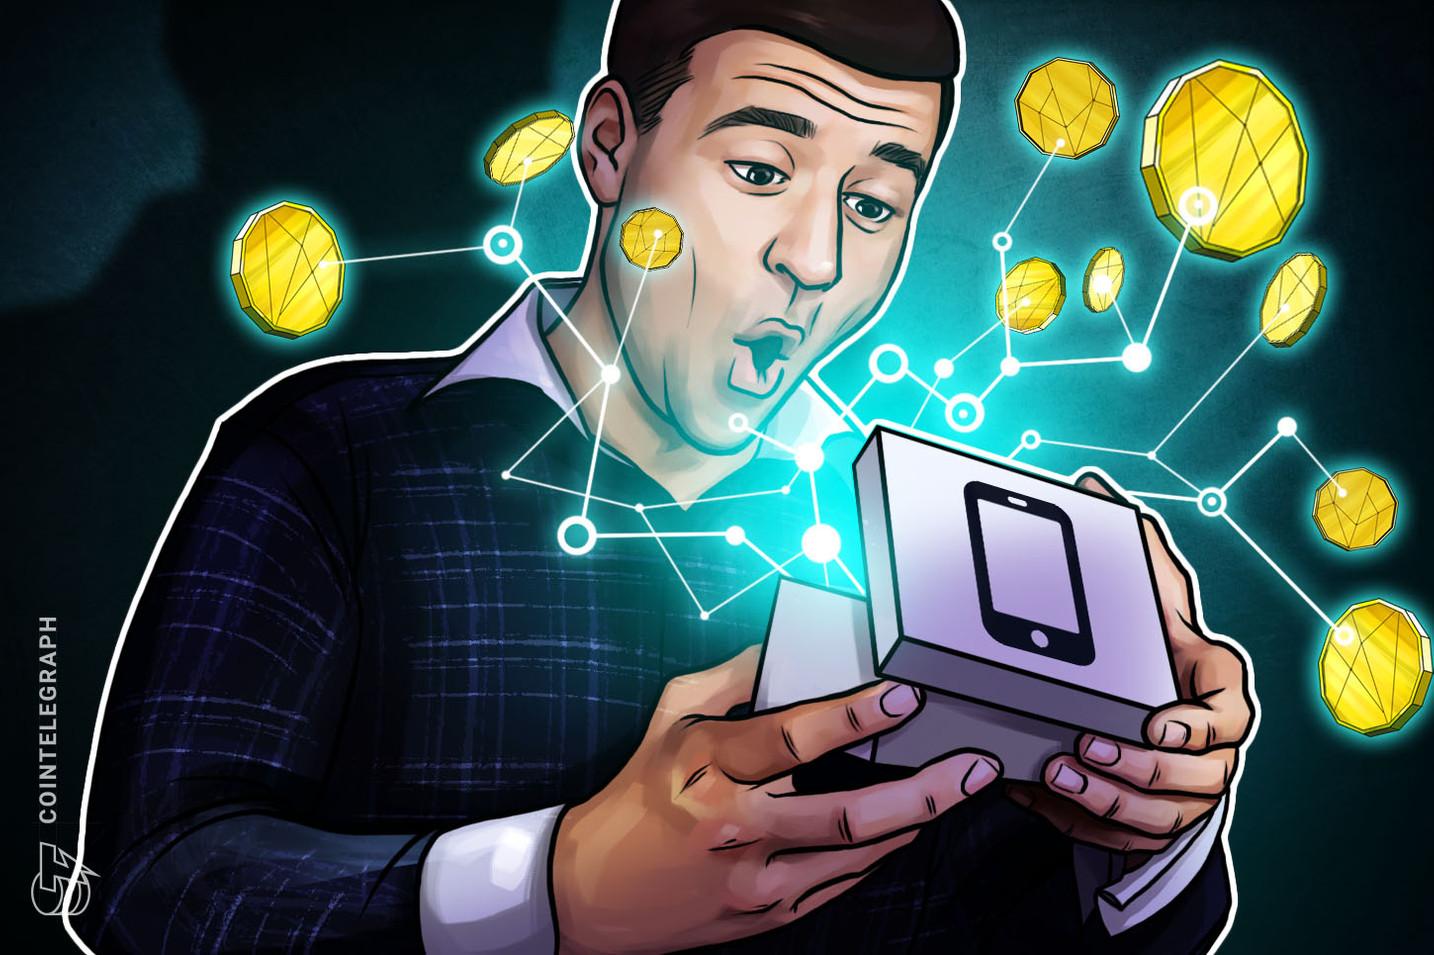 Brasileiros poderão usar Iota no Samsung Pay e no Apple Pay a partir de 2020, diz fundação responsável pela criptomoeda